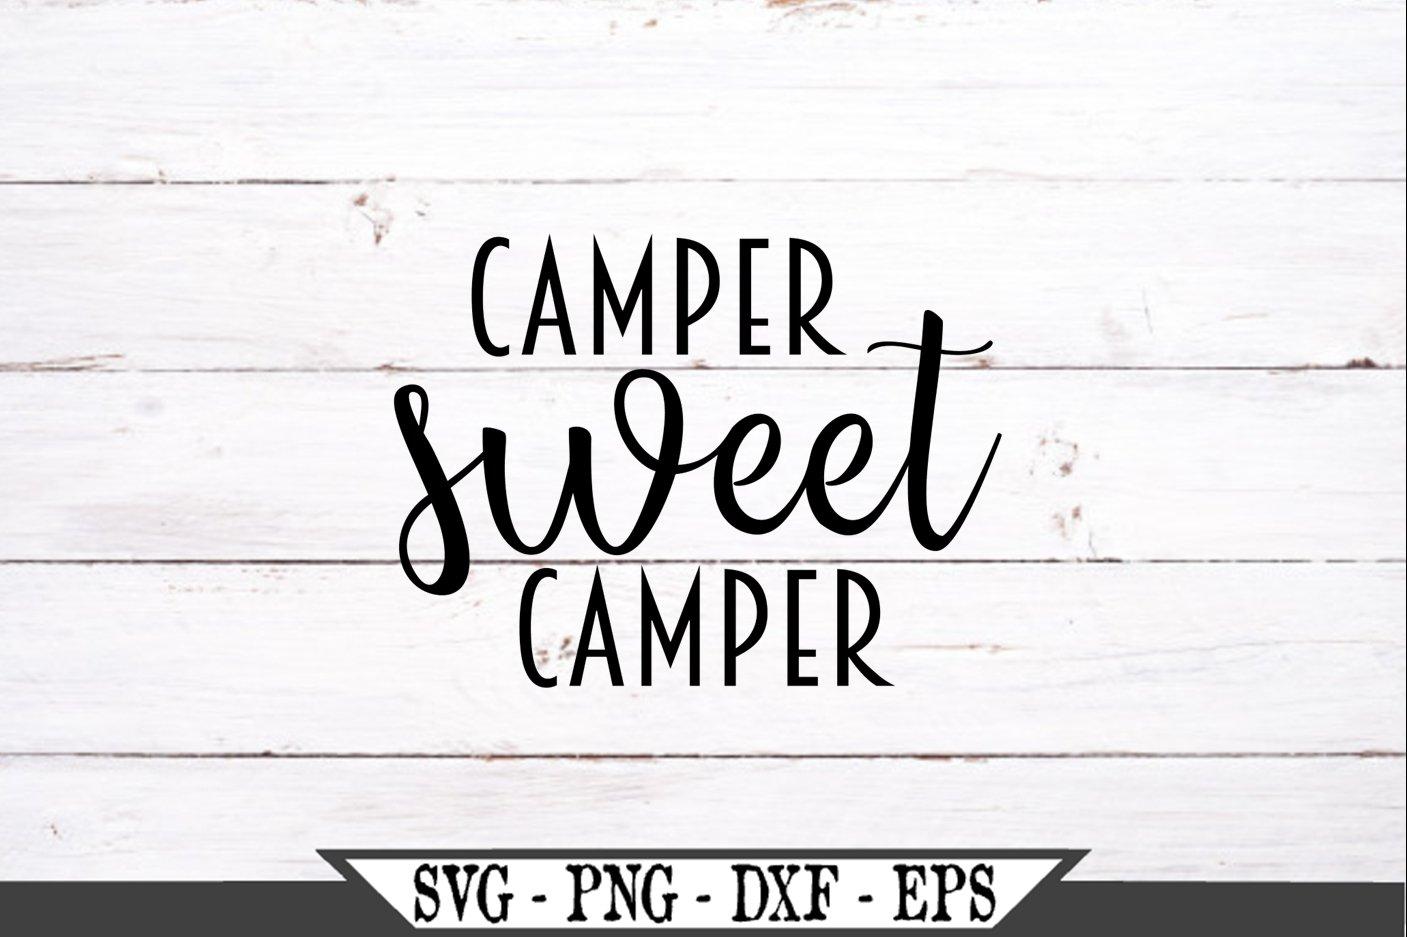 Camper Sweet Camper SVG example image 2